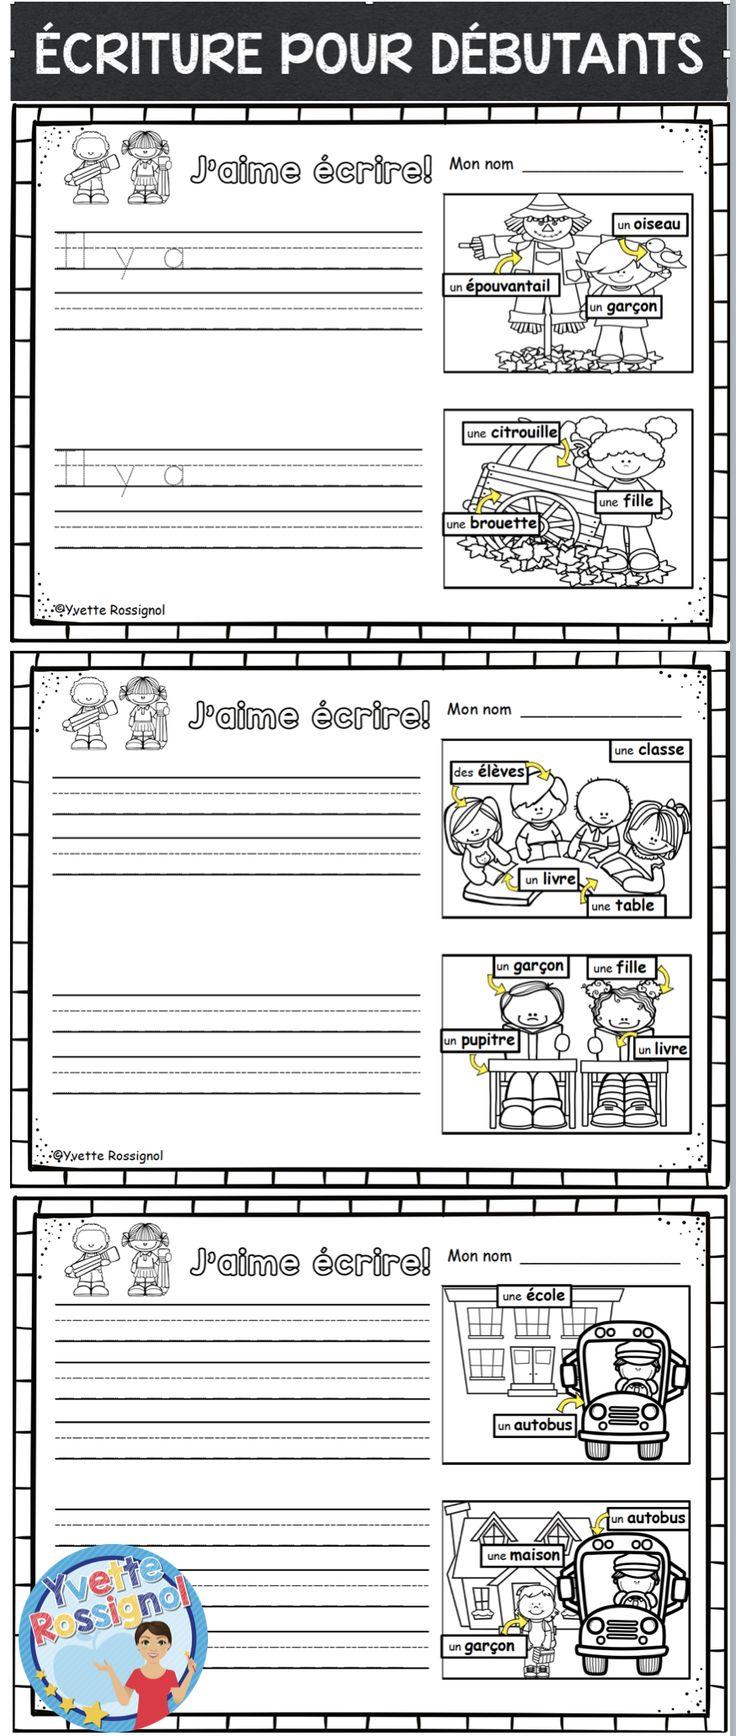 Étiquettes mots, images, 3 choix pour la différentiation! Parfait pour maternelle-1ère année :)